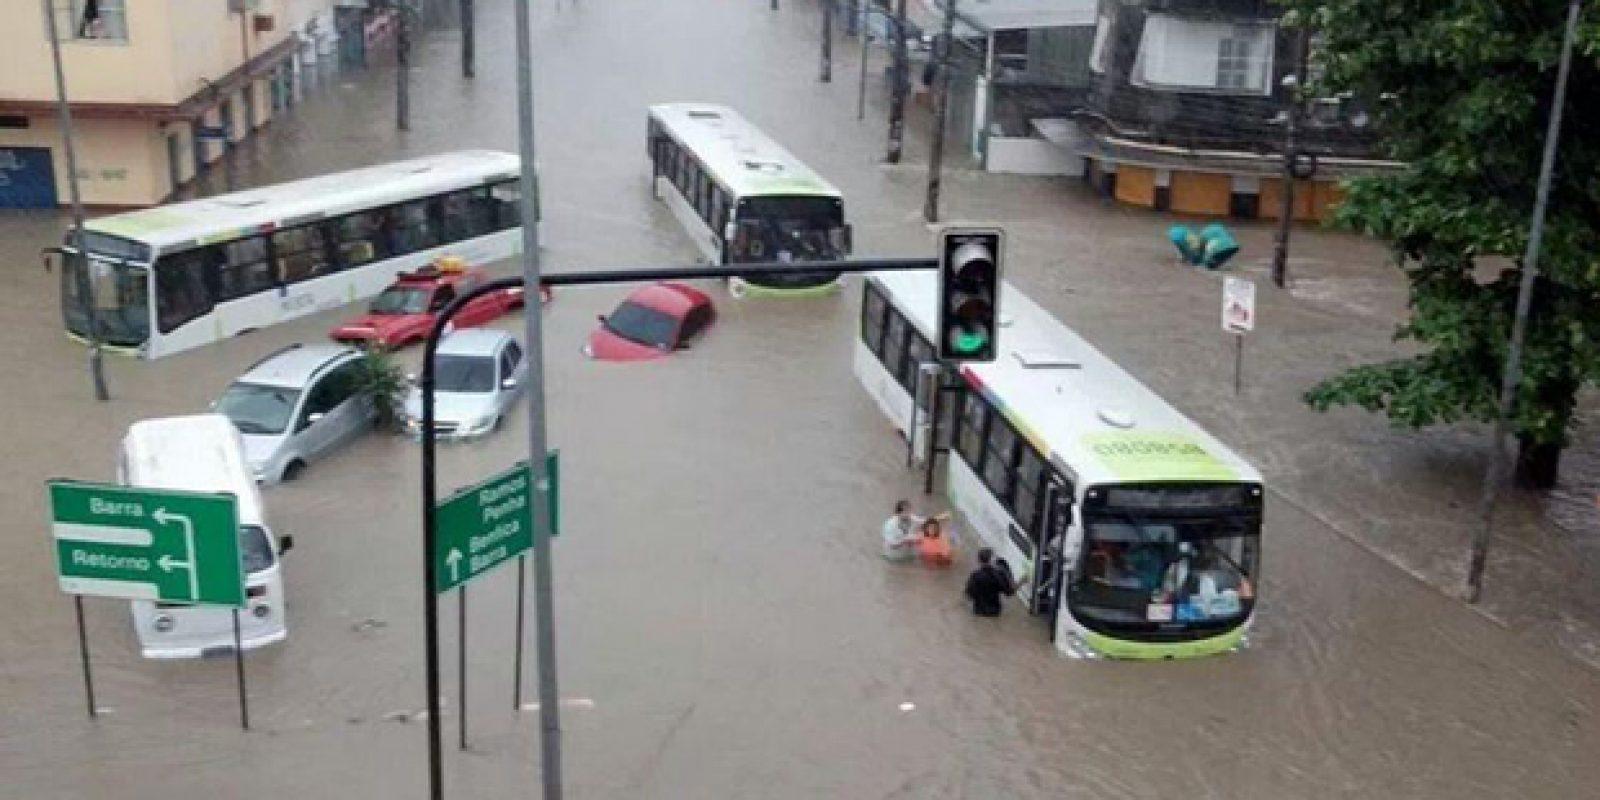 ônibus-parados-em-alagamento-de-bonsucesso-chuva-rio-de-janeiro-Elaine-Christina-Ouvinte-Band-News-Fluminense-FM